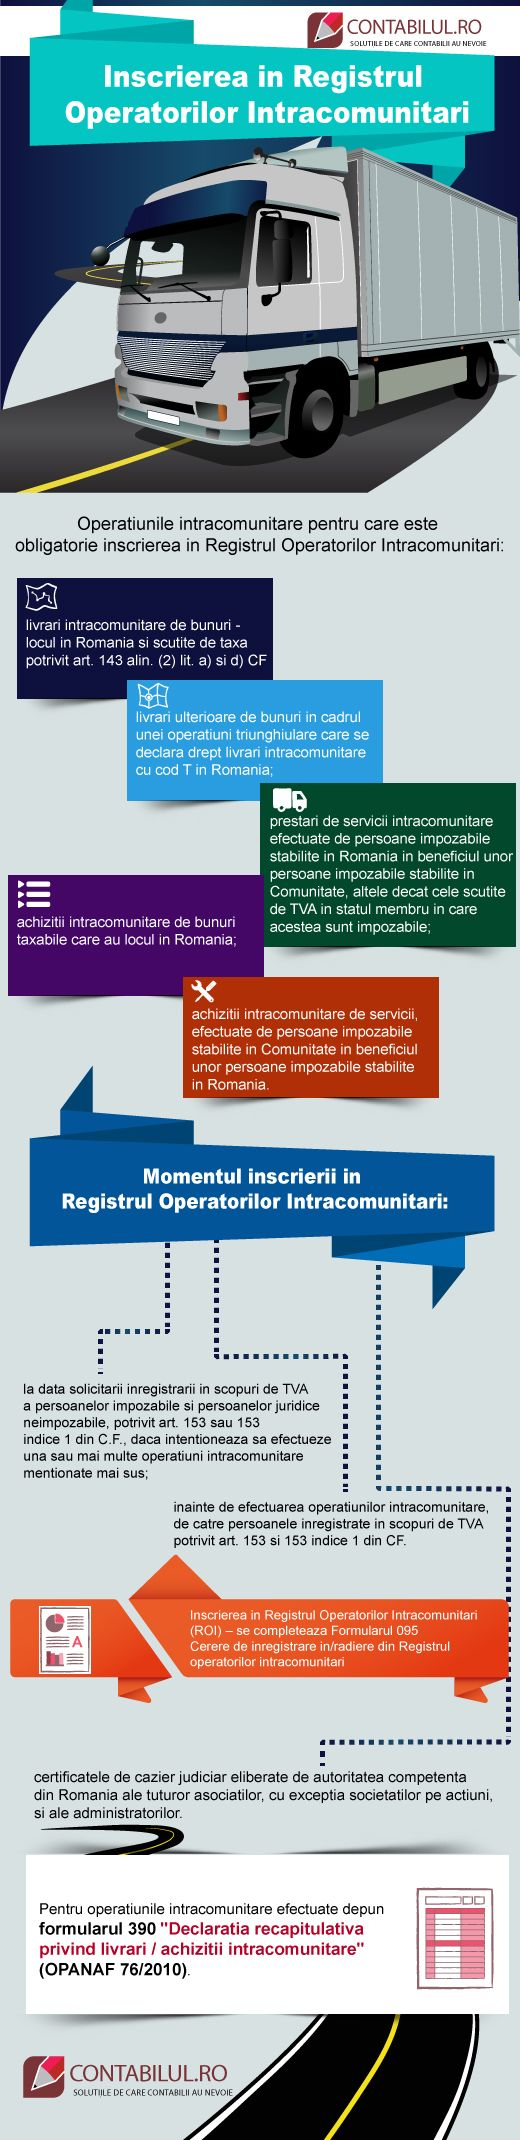 Infografic Contabilul Inscrierea in Registrul Operatorilor Intracomunitari